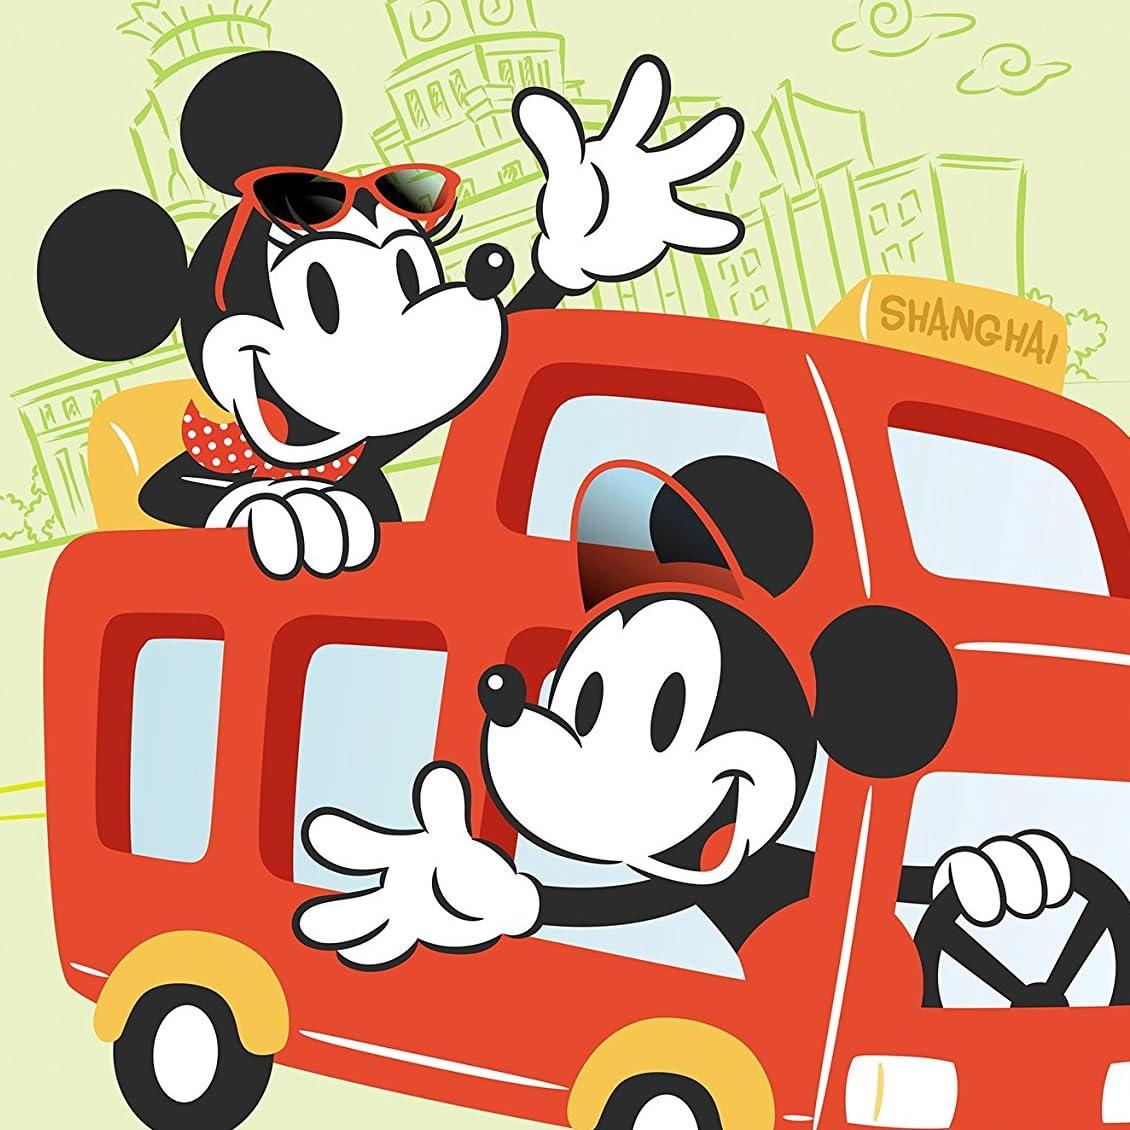 ディズニー Ipad壁紙 ドライブ中のミッキー ミニー アニメ スマホ用